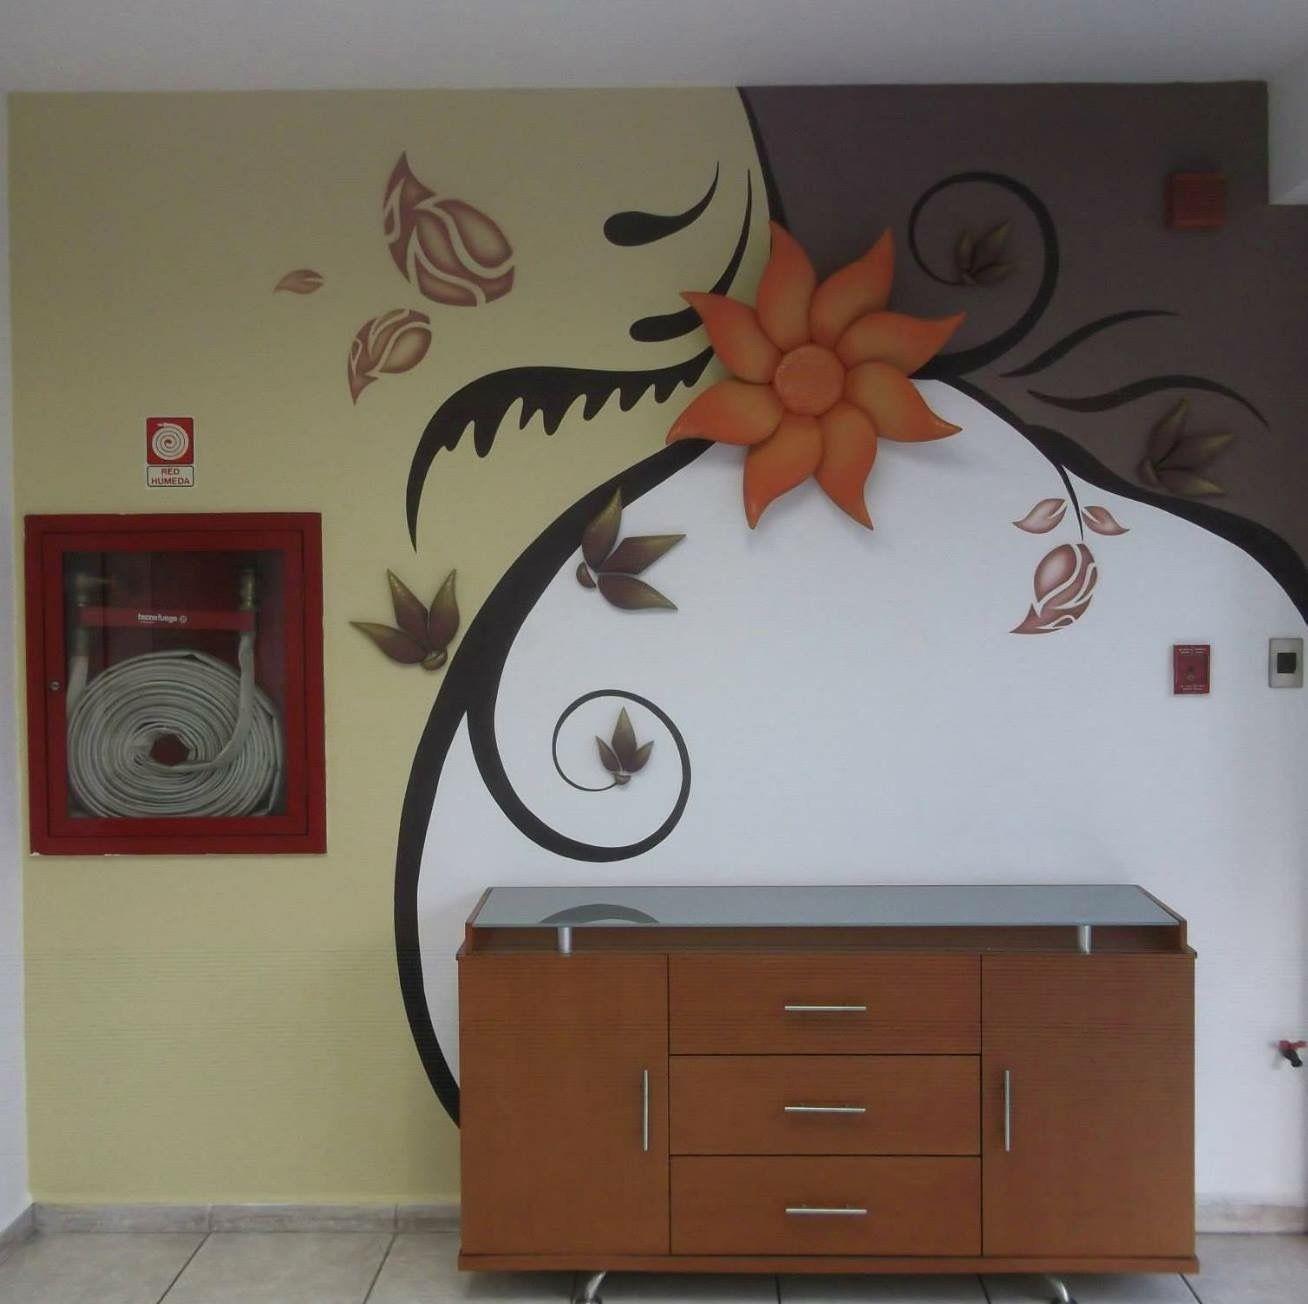 Pin de ana sara perez en para la casa pinterest paredes pintadas murales y decoracion de pared - Dibujos en paredes interiores ...